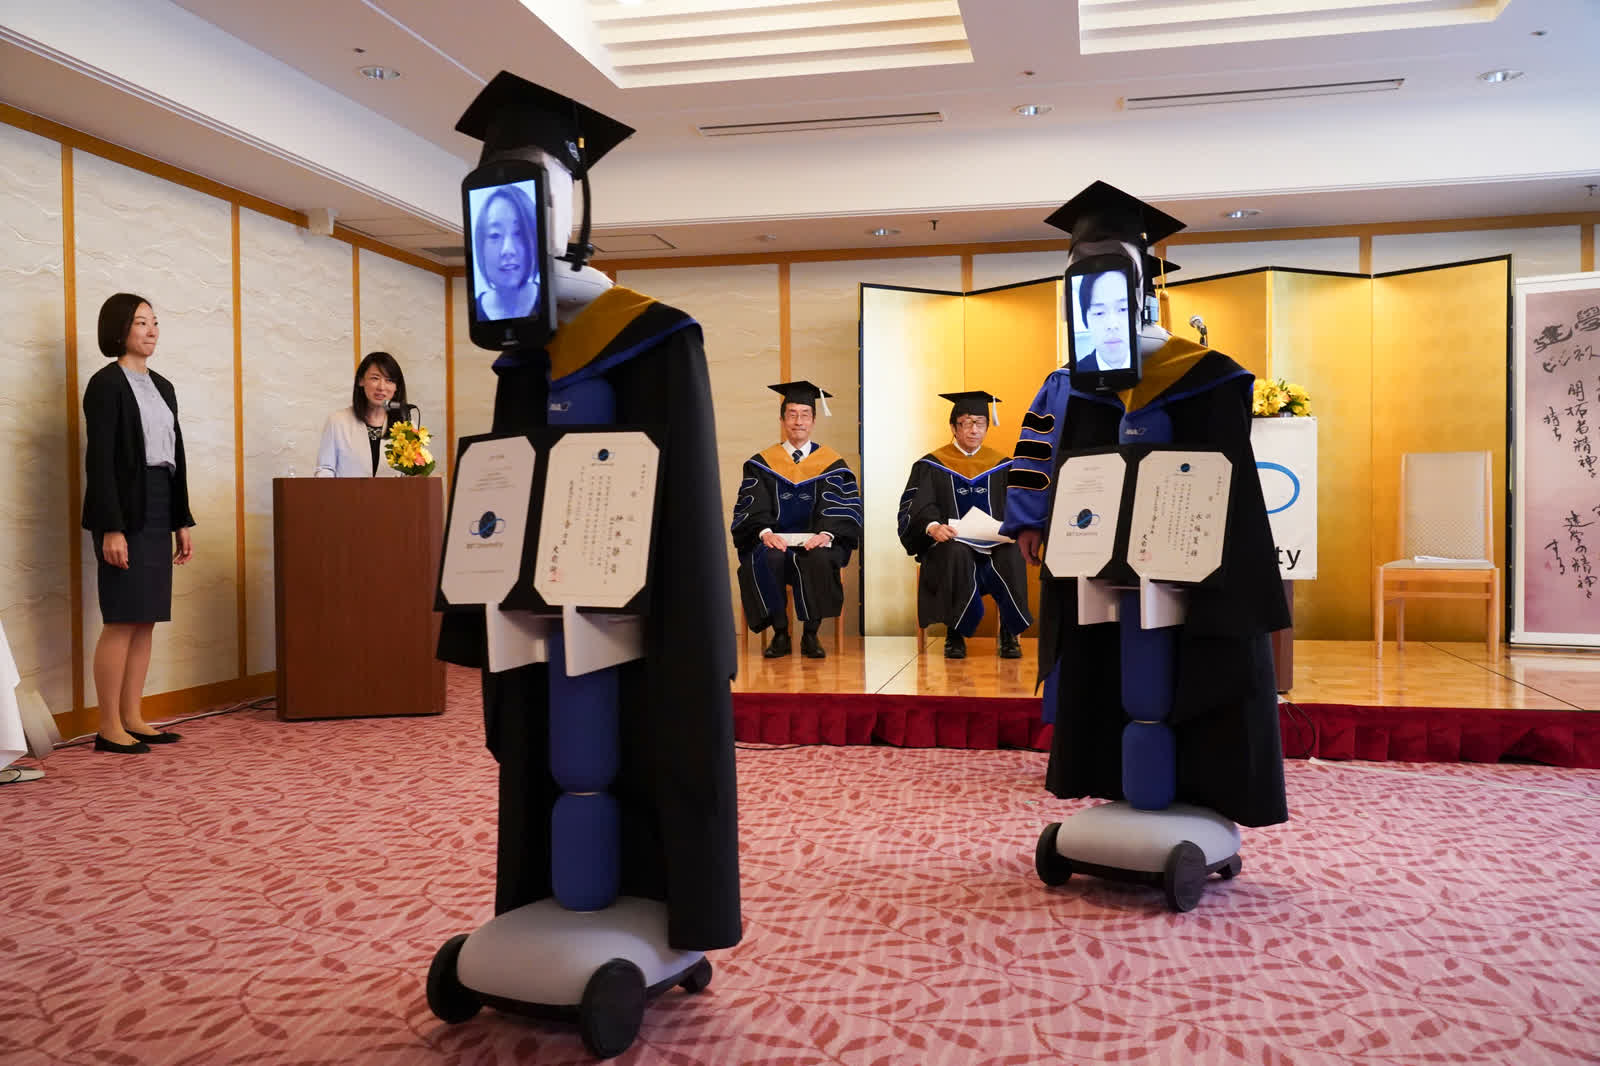 3 дугаар сарын 28: Коронавирусний цар тахлын улмаас Токио дахь Бизнесийн их сургуулийн төгсөлтийн ёслолд робот ашиглан виртуал үйл ажиллагаа зохион байгуулсан байна. Төгсөгчид өөрсдийгөө роботоор орлуулсан байдал... /Photo by BBT University/